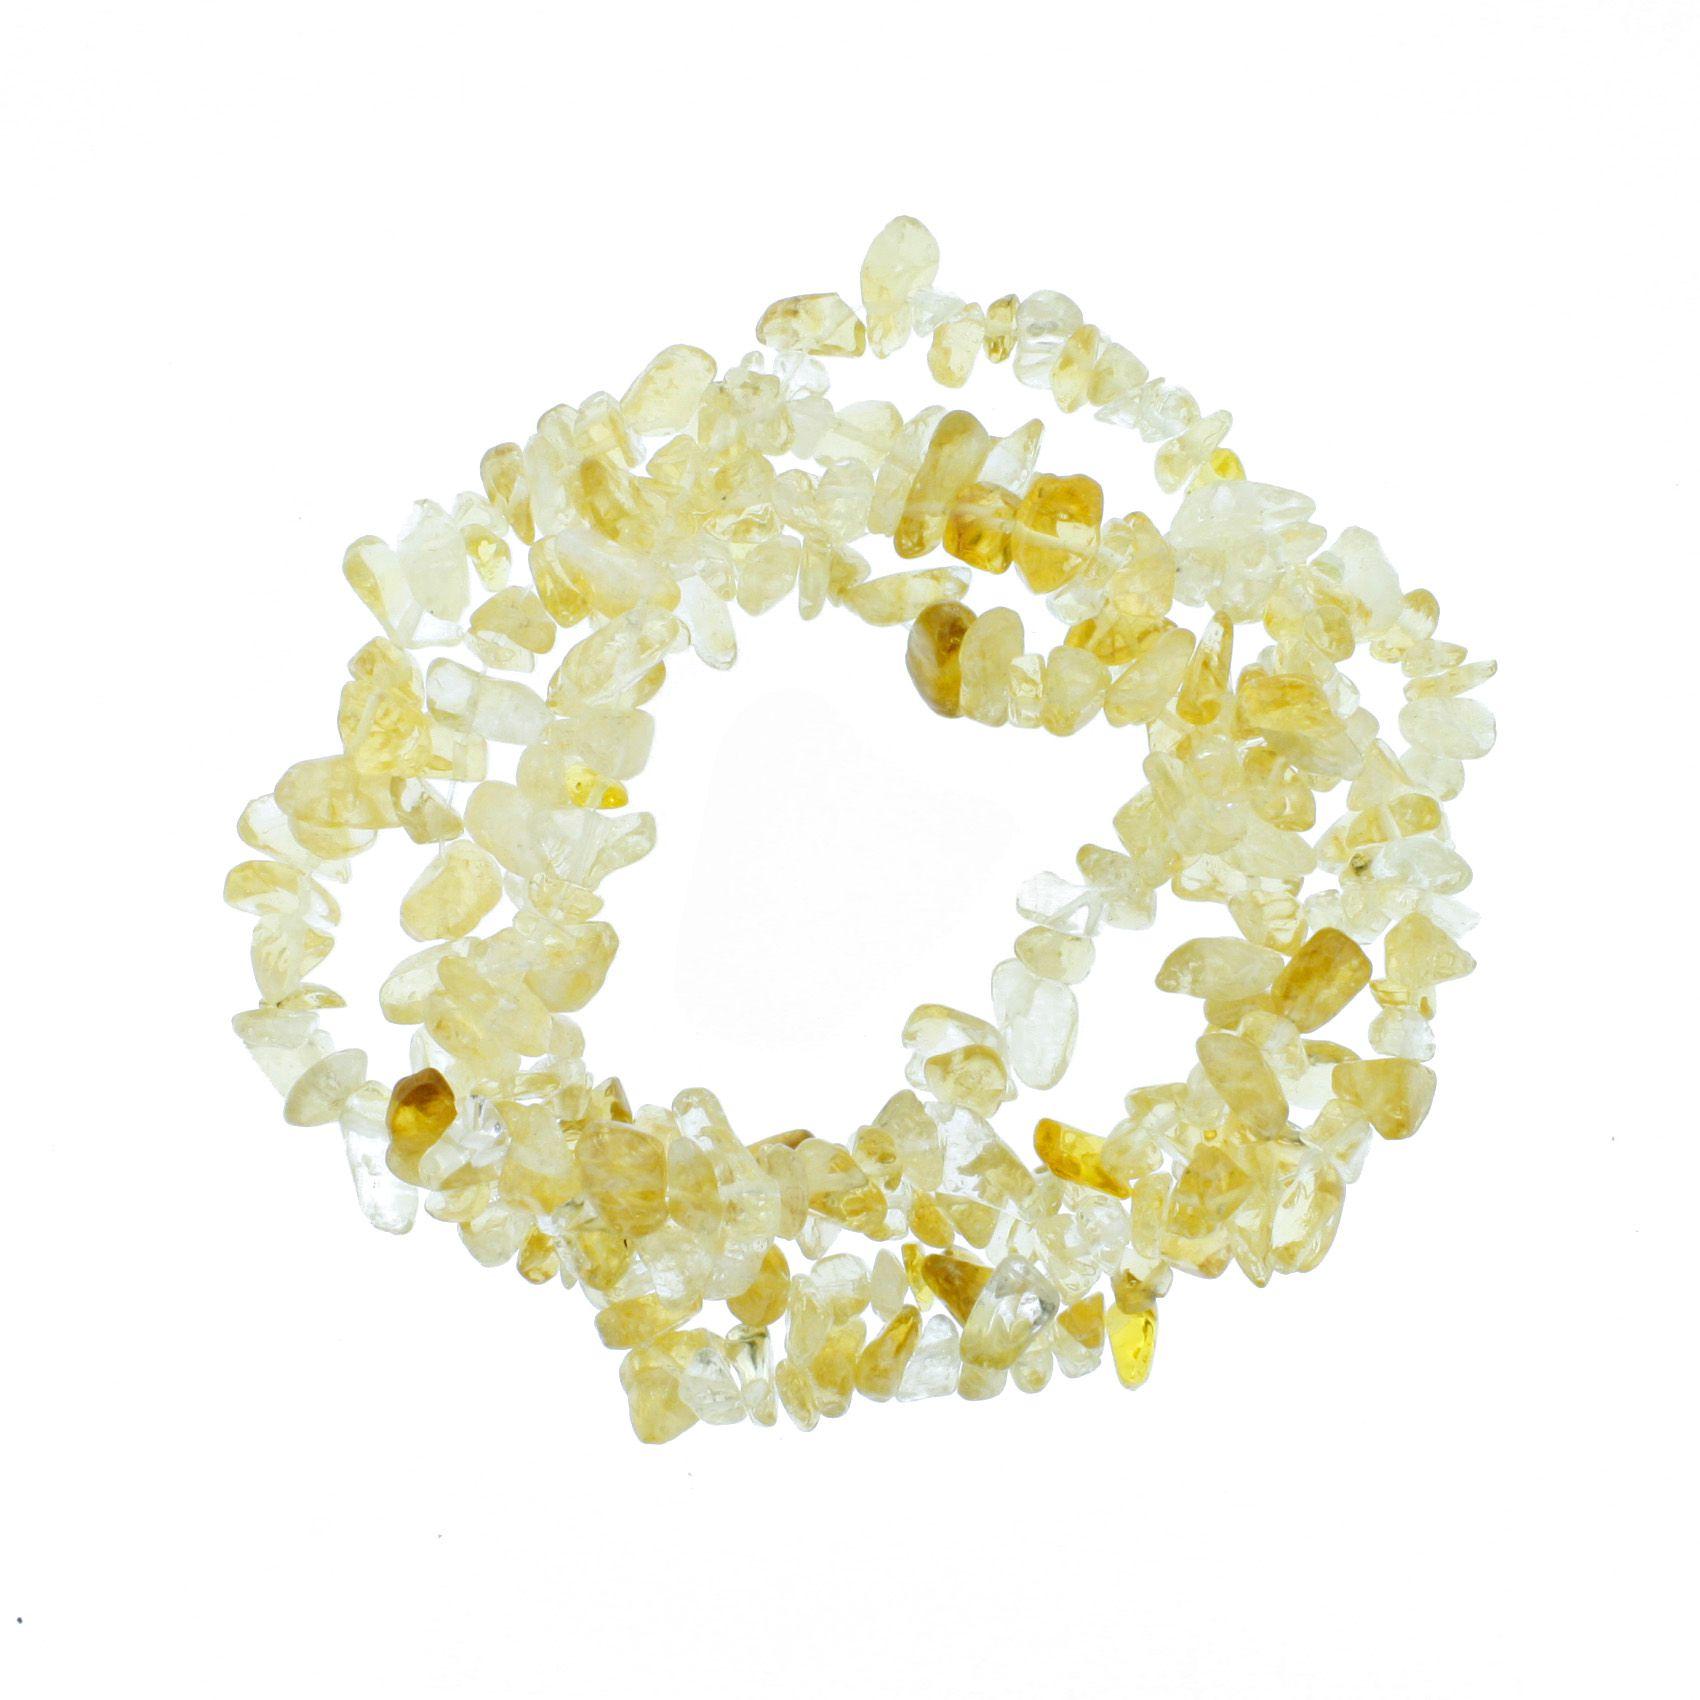 Fio de Cascalho - Stone® - Citrino  - Stéphanie Bijoux® - Peças para Bijuterias e Artesanato